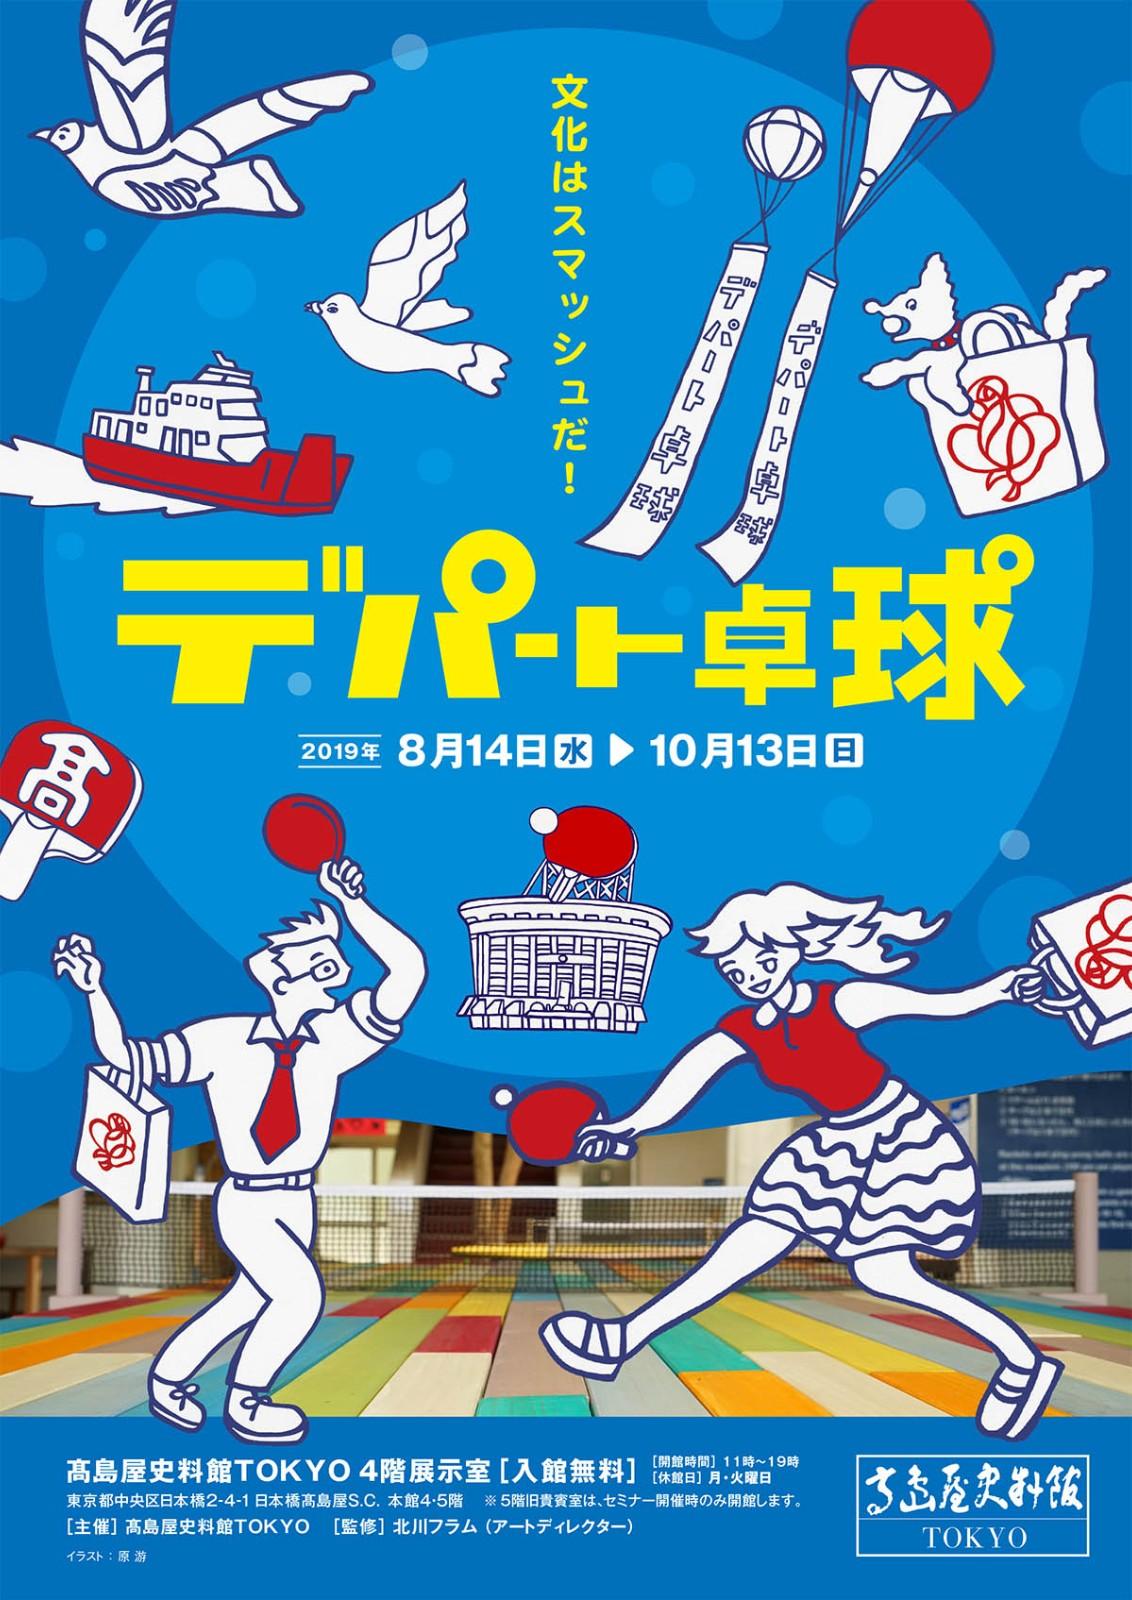 旅游网页设计素材_17款日本主题活动海报欣赏 - 设计之家